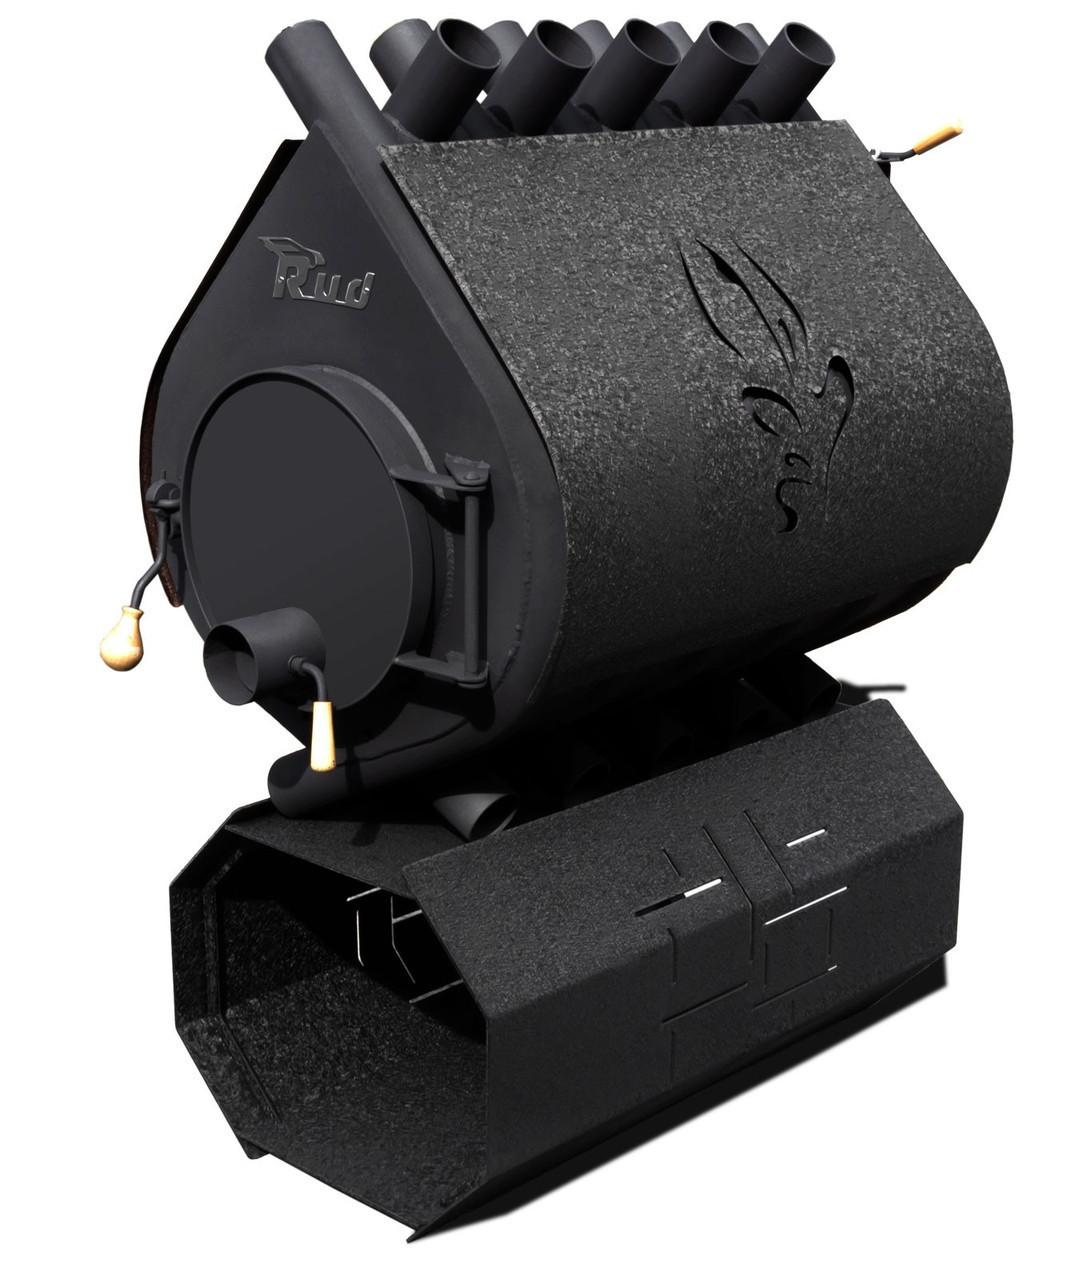 Опалювальна конвекційна піч Rud Pyrotron Кантрі 03 декоративна обшивка (бордова, чорна, коричнева)